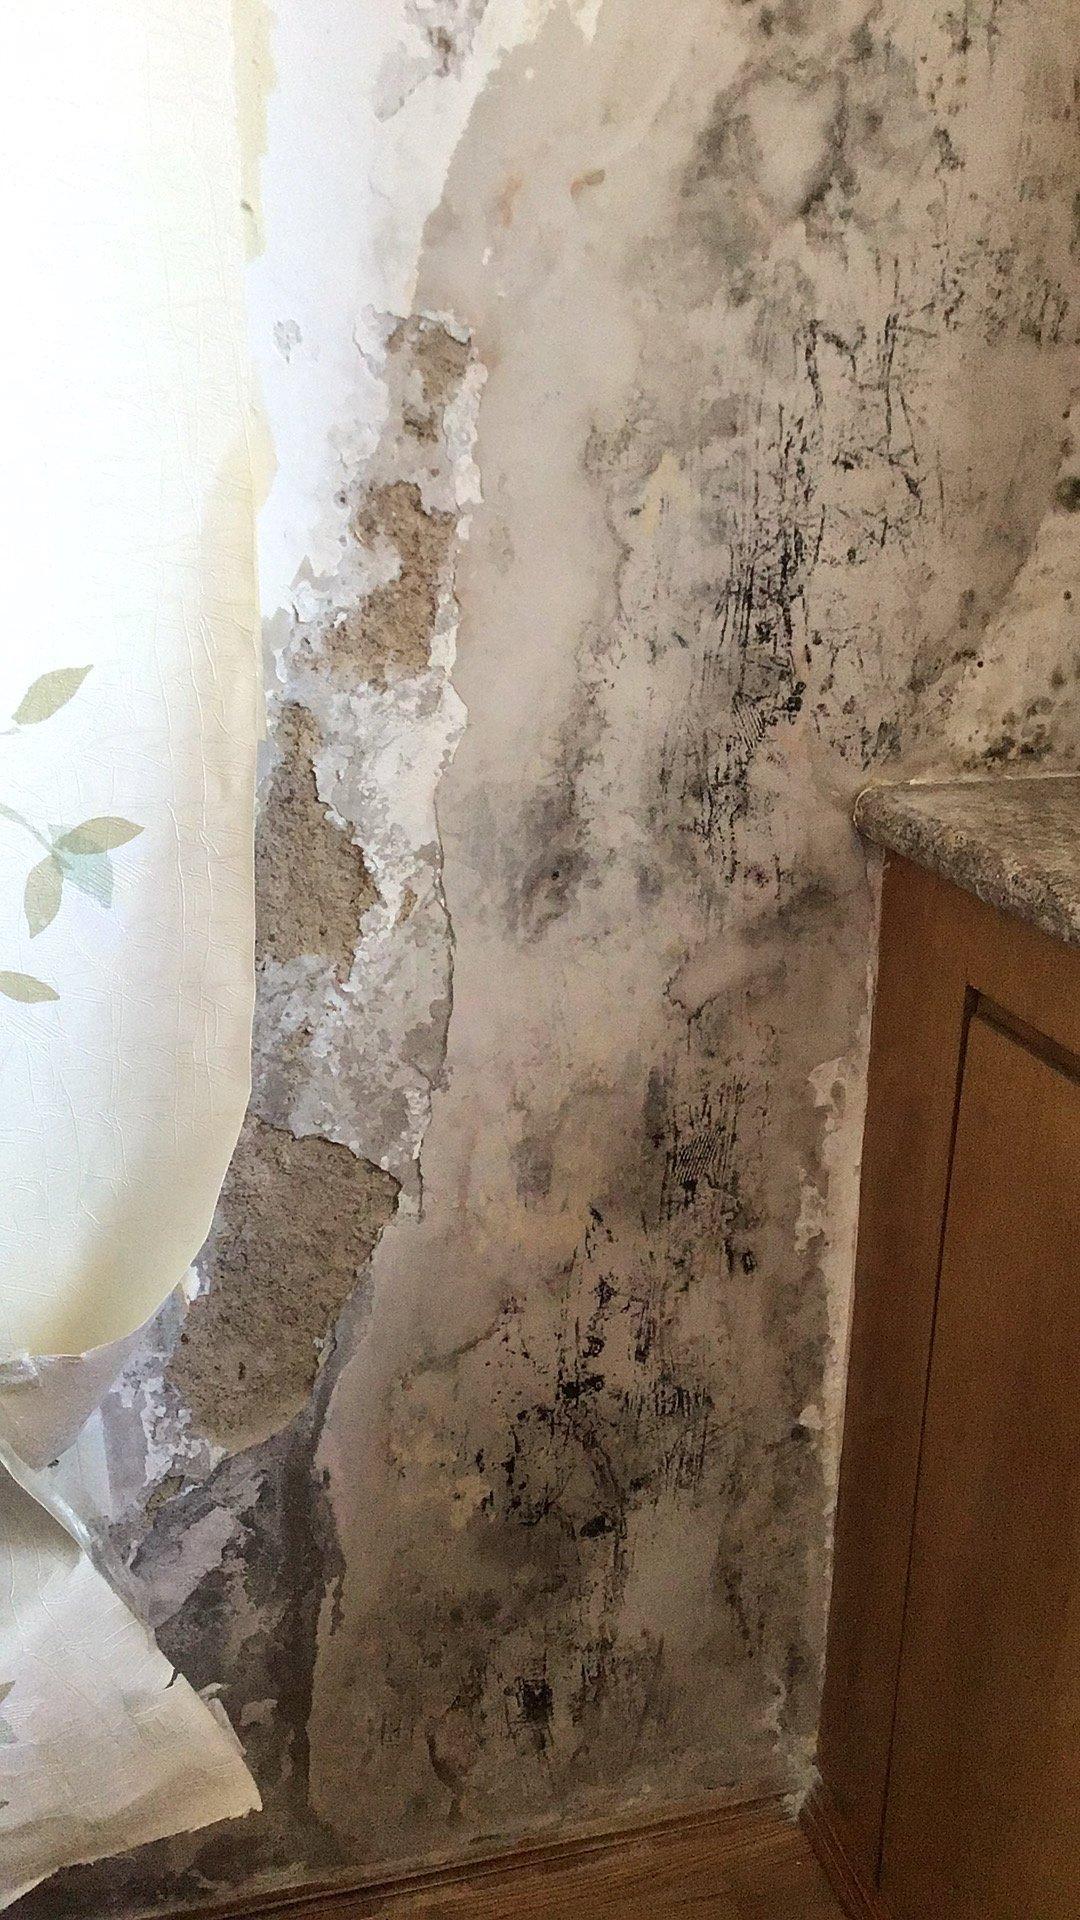 墙体发霉严重,怎么处理